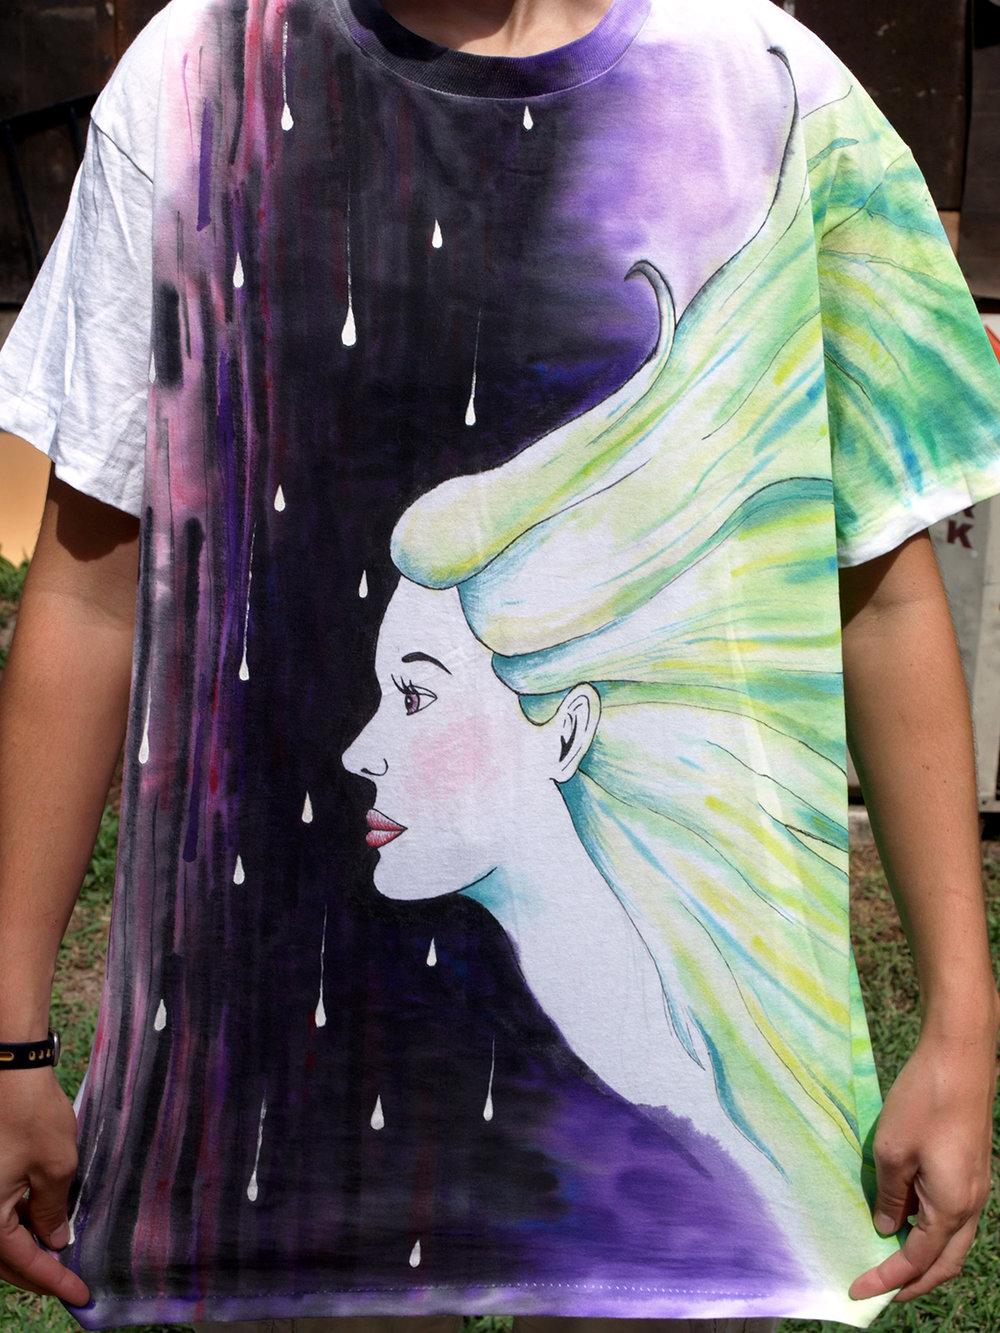 TJ-shirt-woman-in-rain.jpg